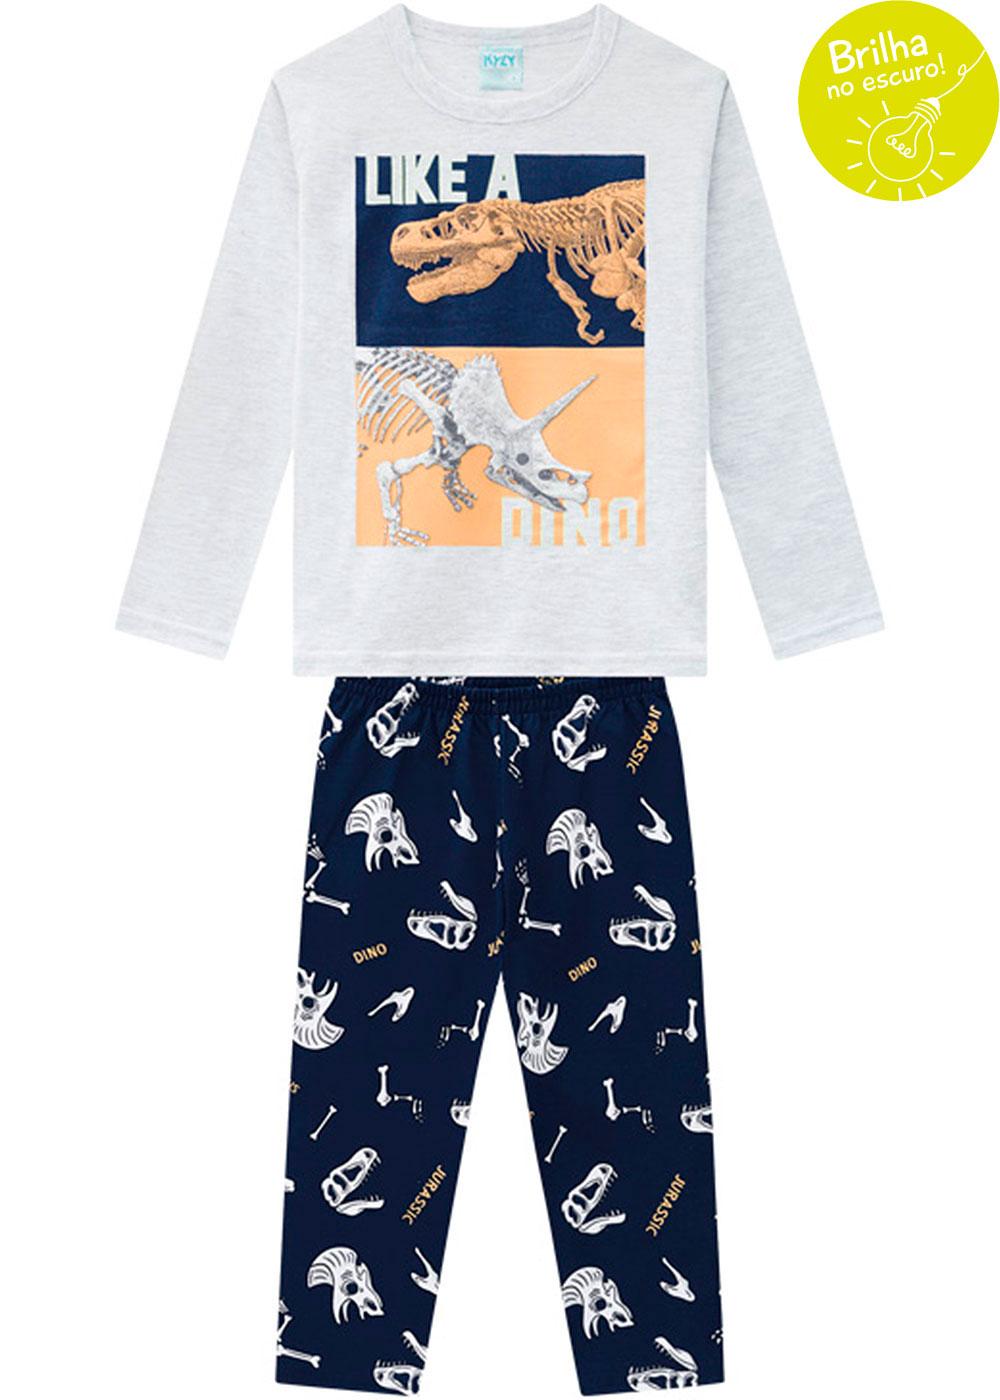 Pijama Infantil Masculino Cinza que Brilha no Escuro Inverno Kyly